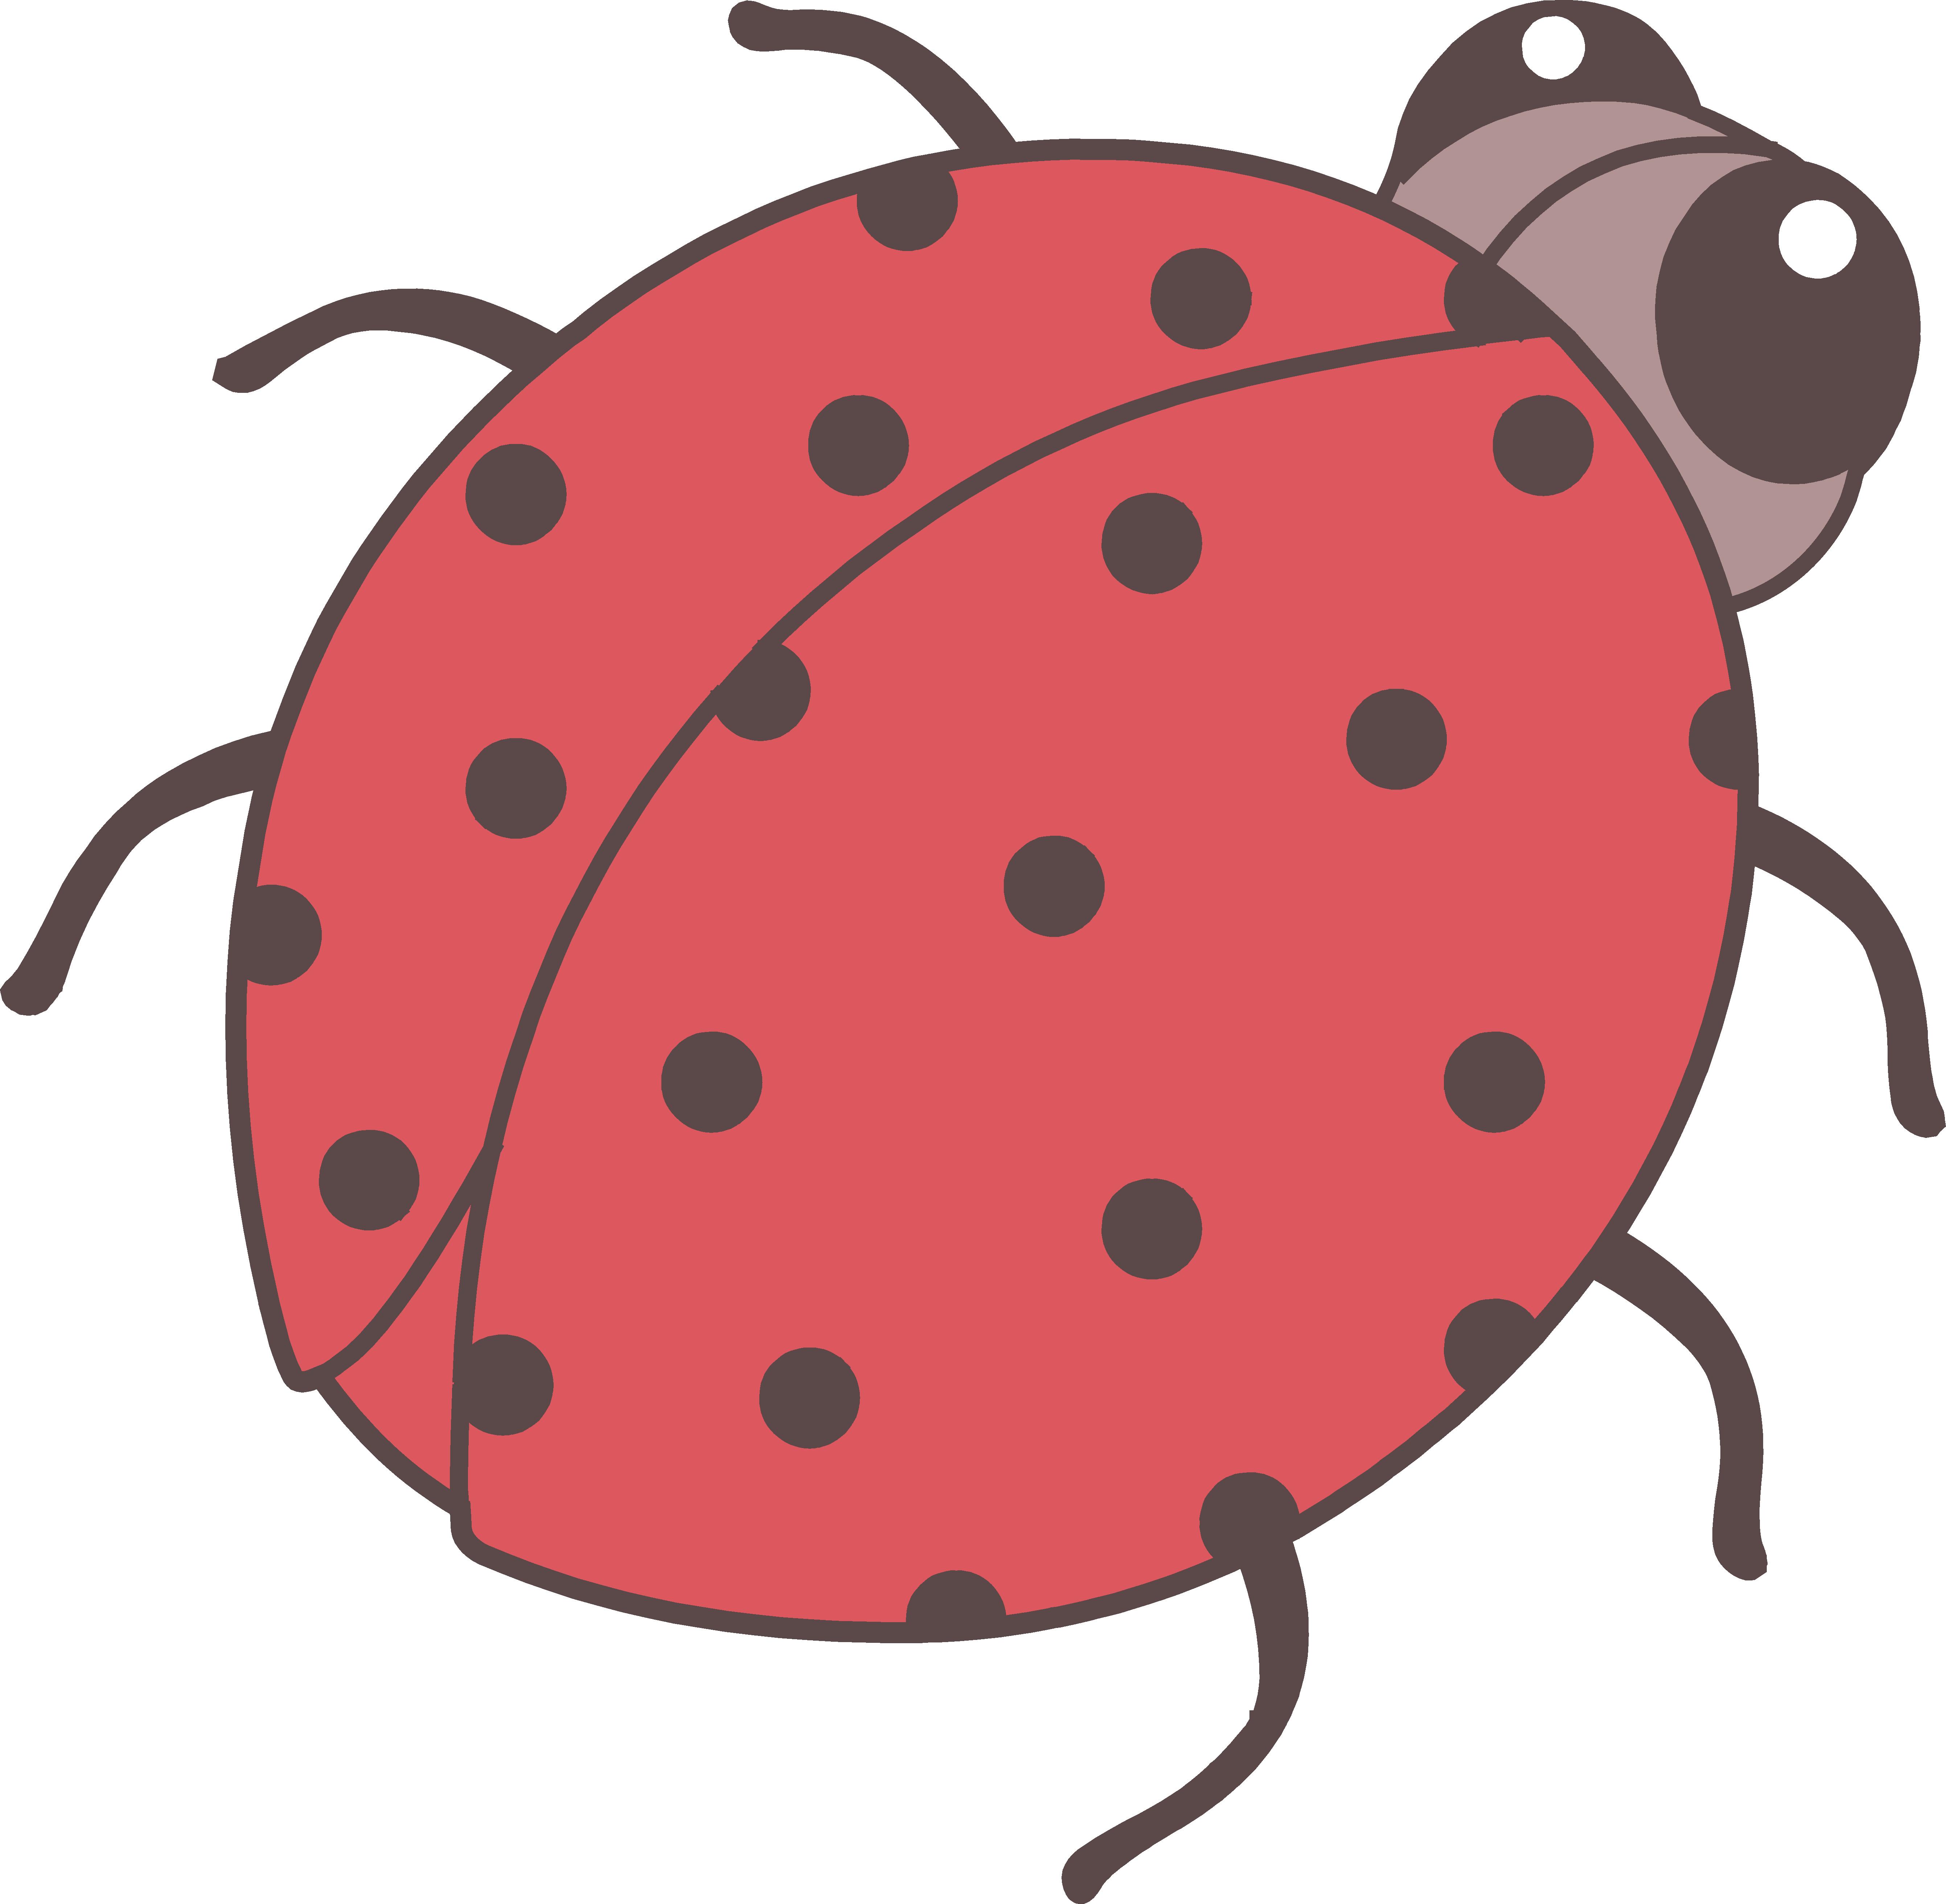 girly clipart ladybug